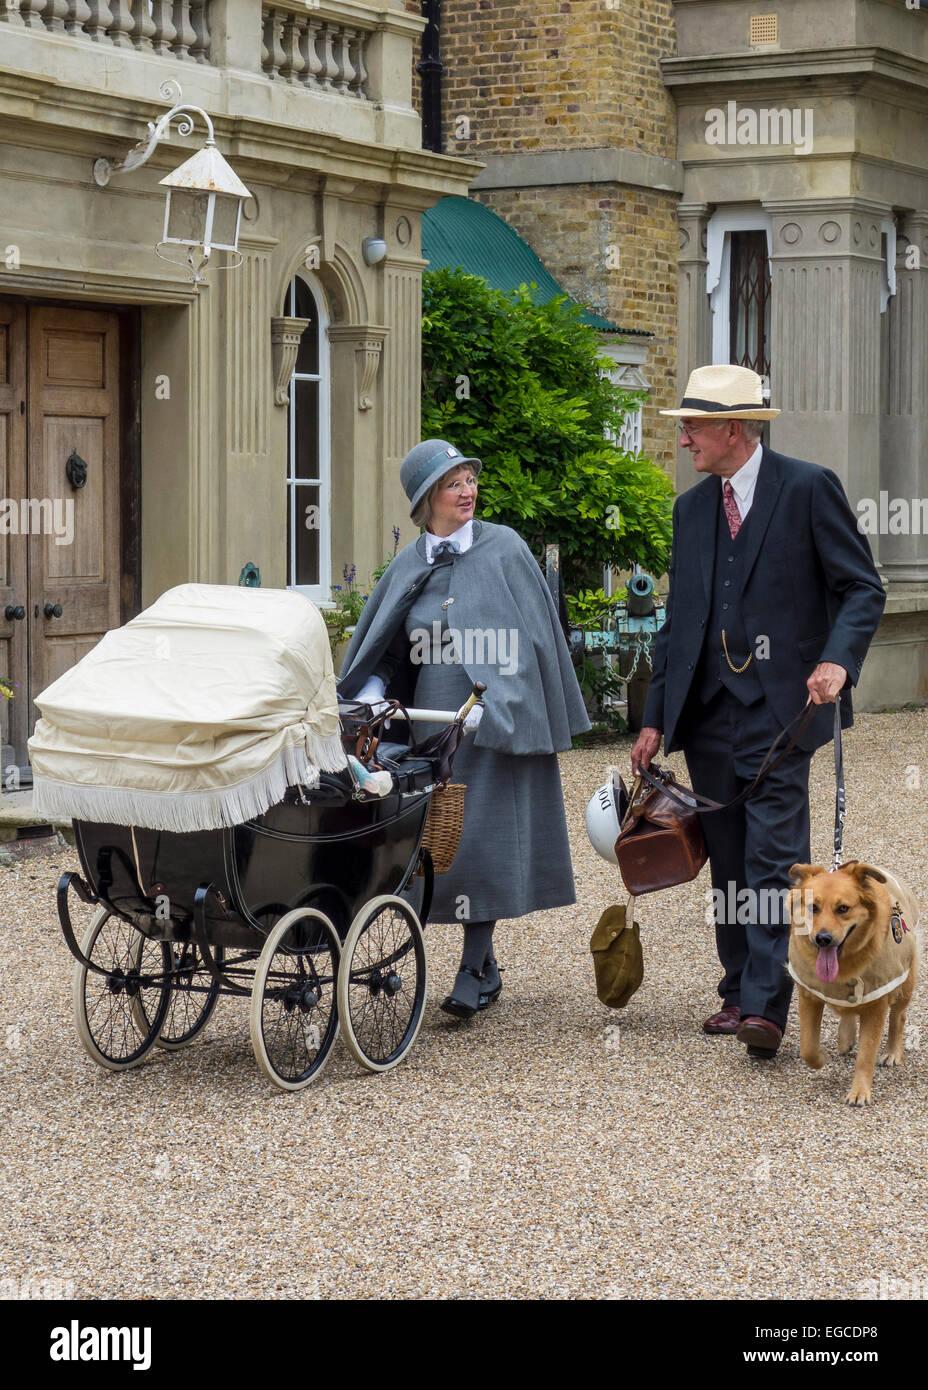 1940s re-enactment couple doctor nanny vintage pram rescue dog-PORTRAIT - Stock Image